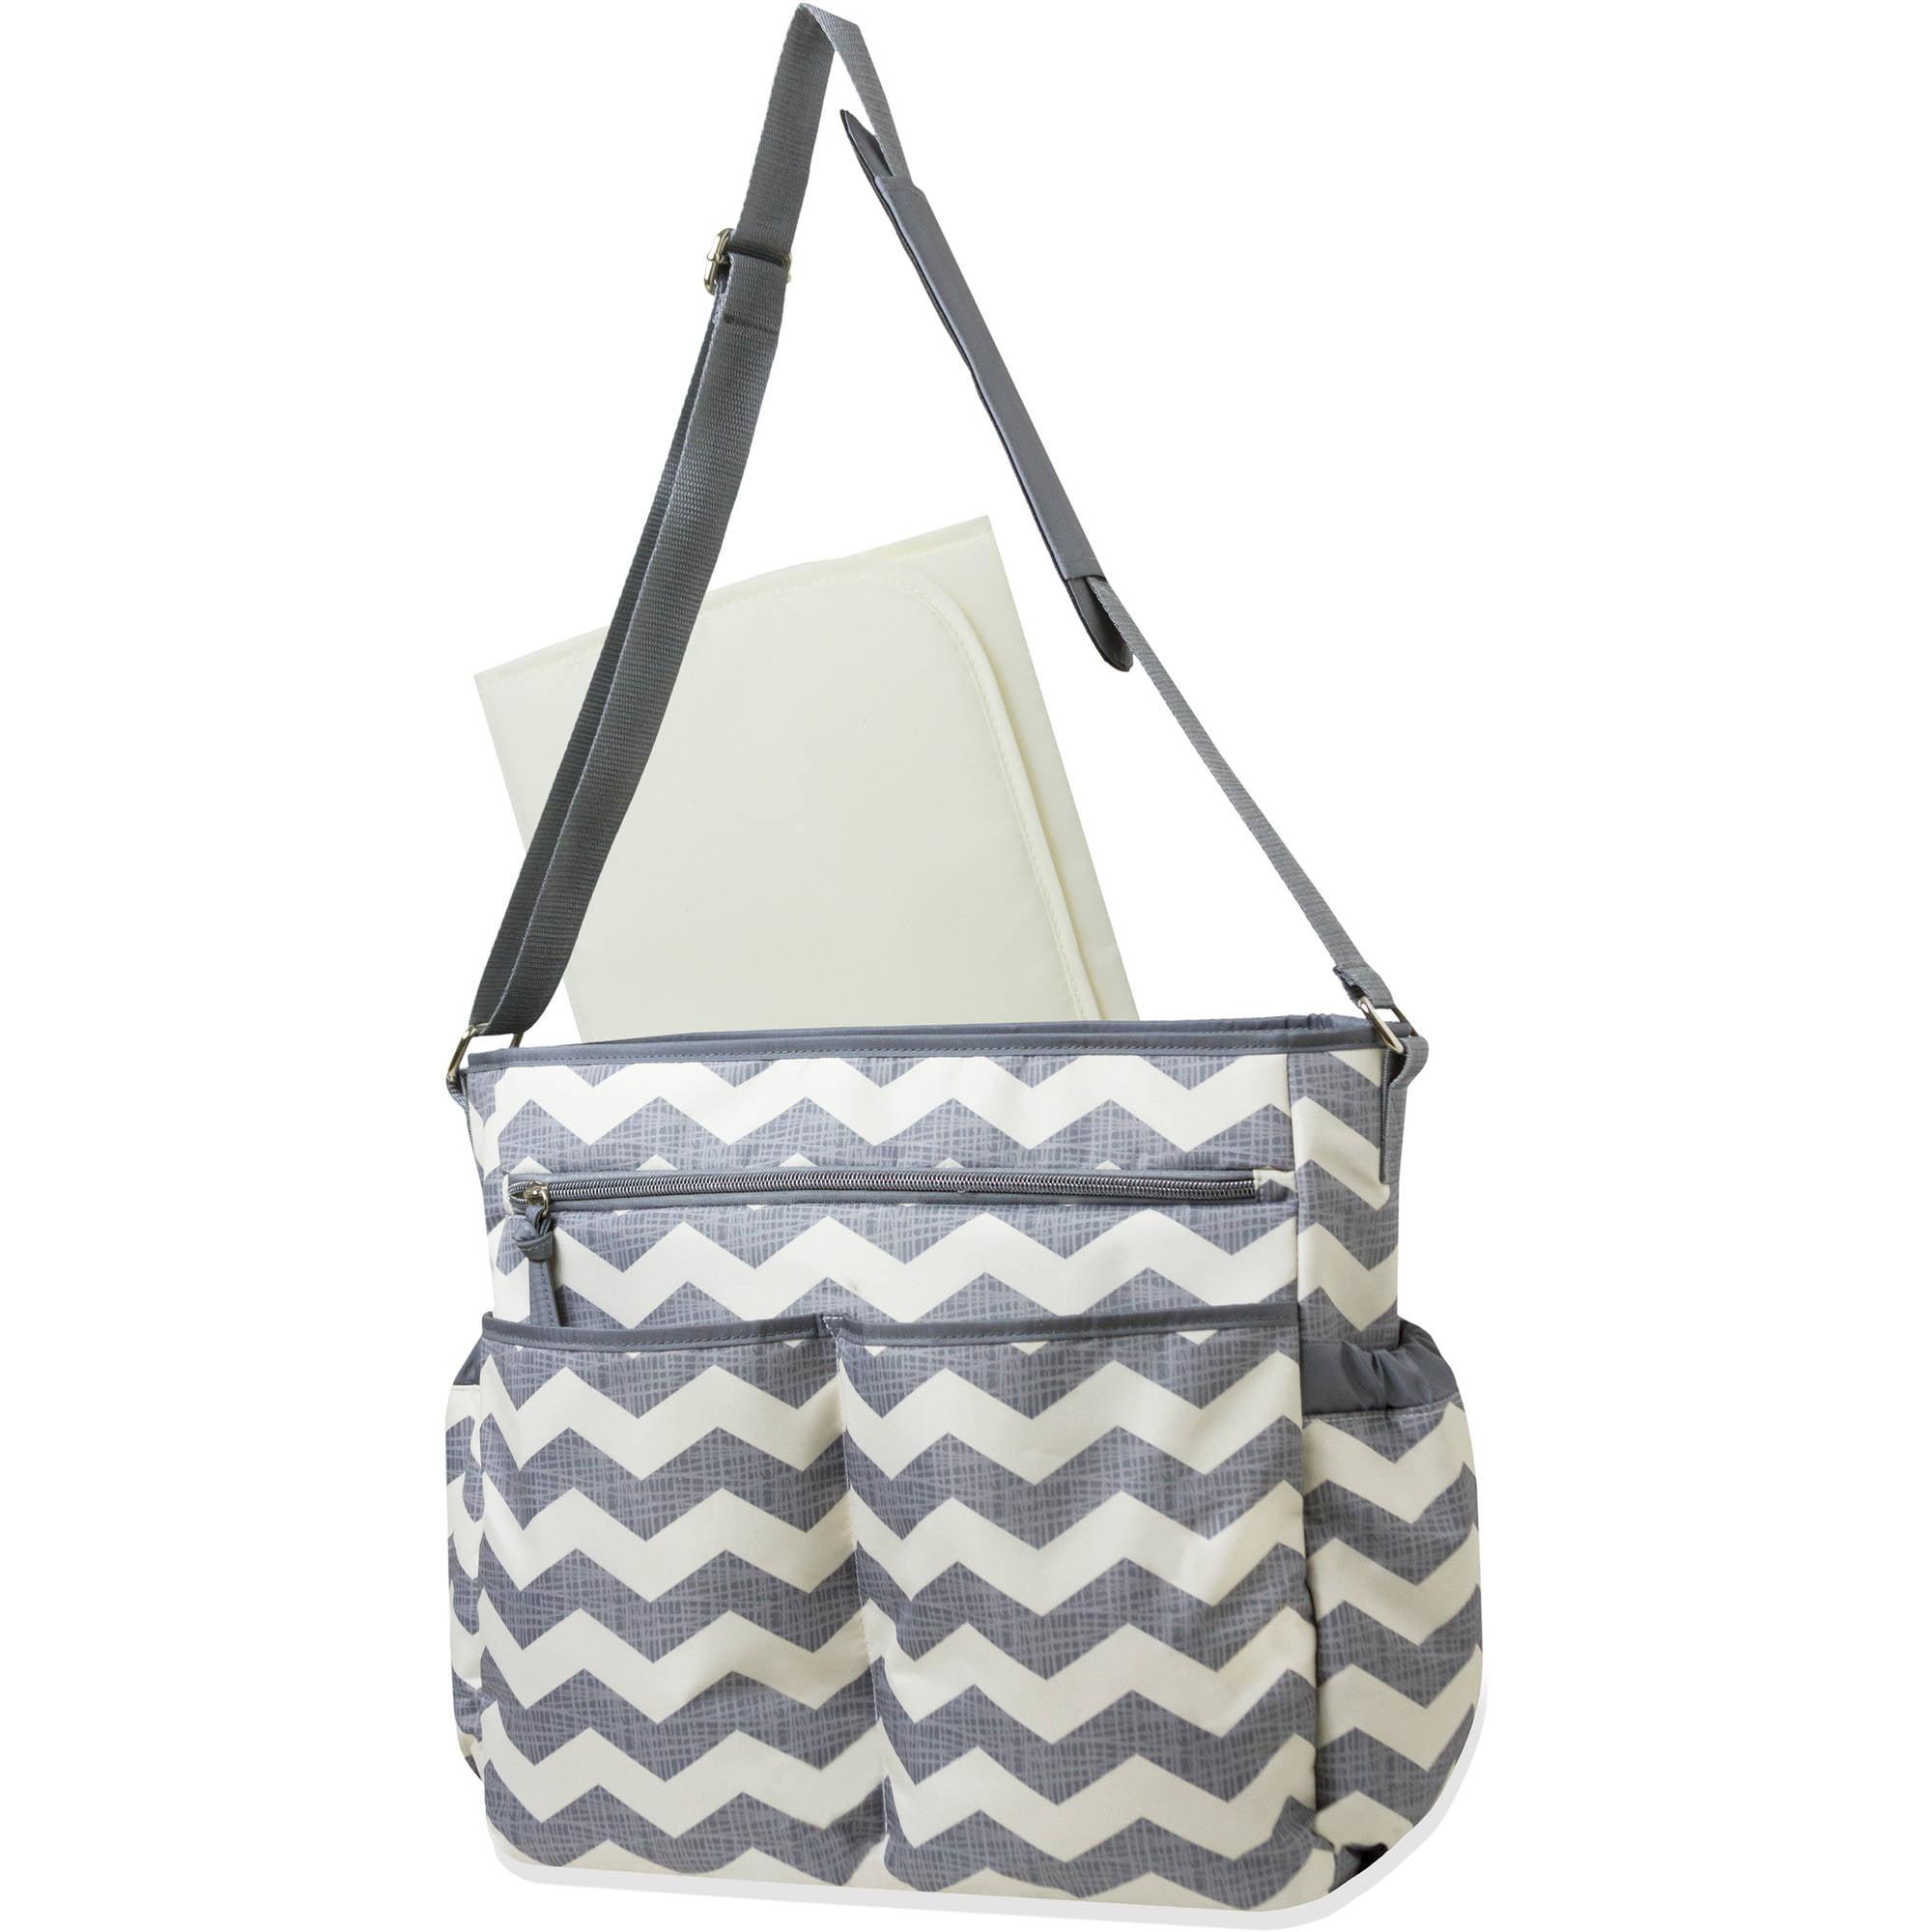 312c72b2f598 iPack Bowling Bag Diaper Bag